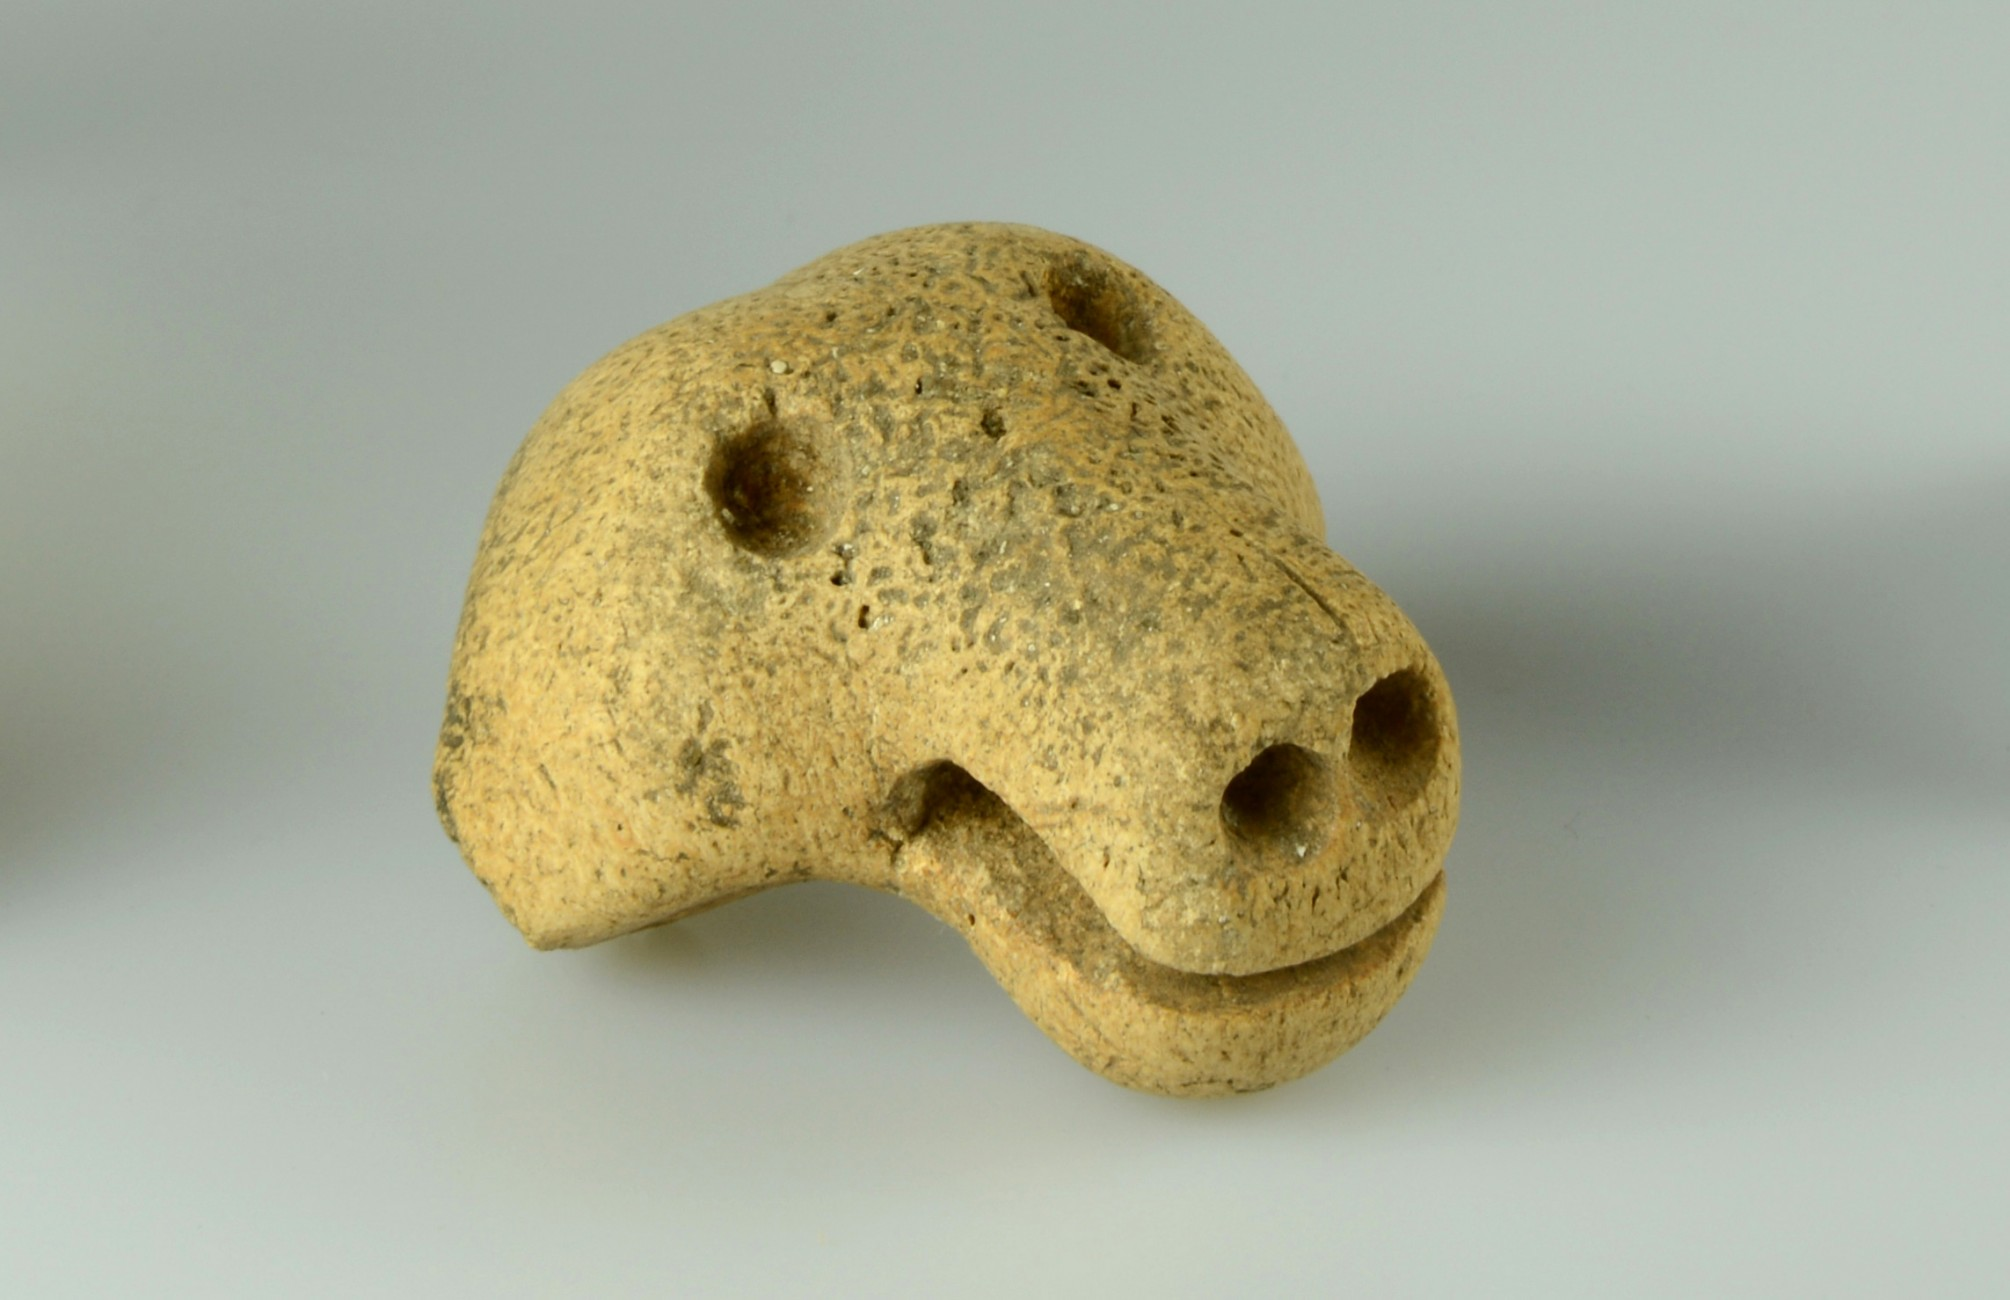 A bear's head